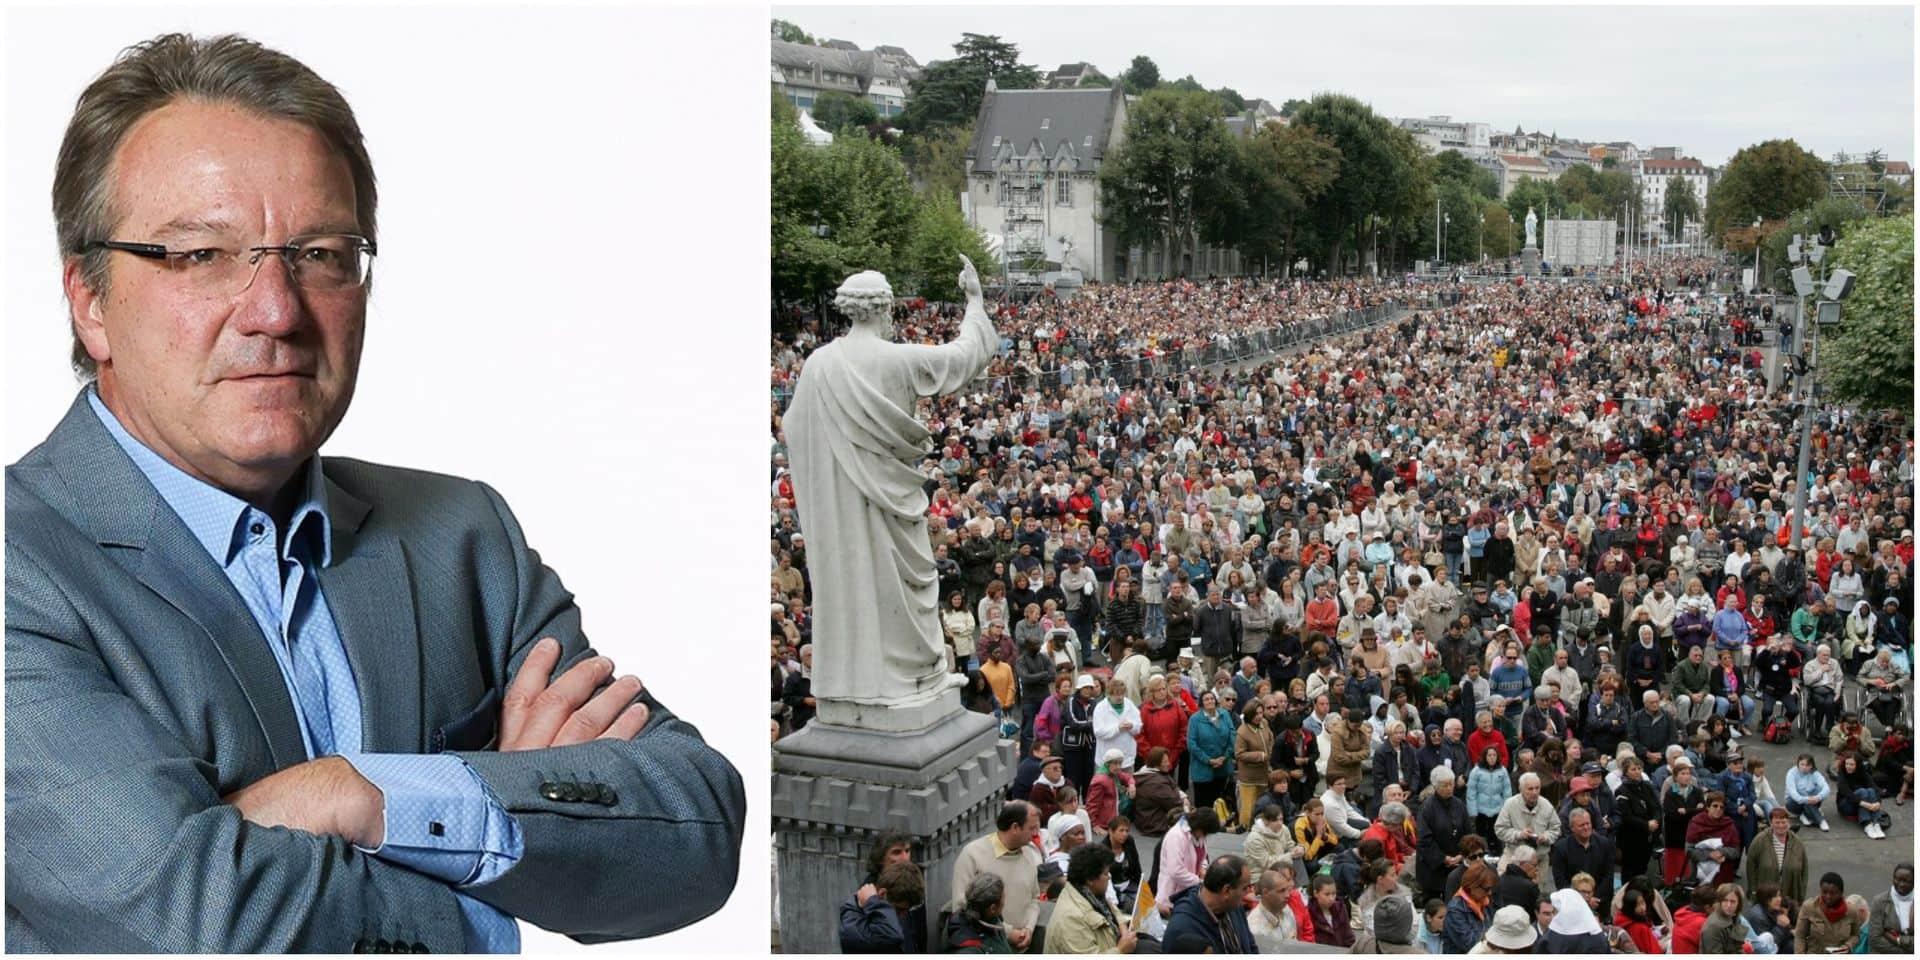 Tourisme : pas de miracle cet été à Lourdes